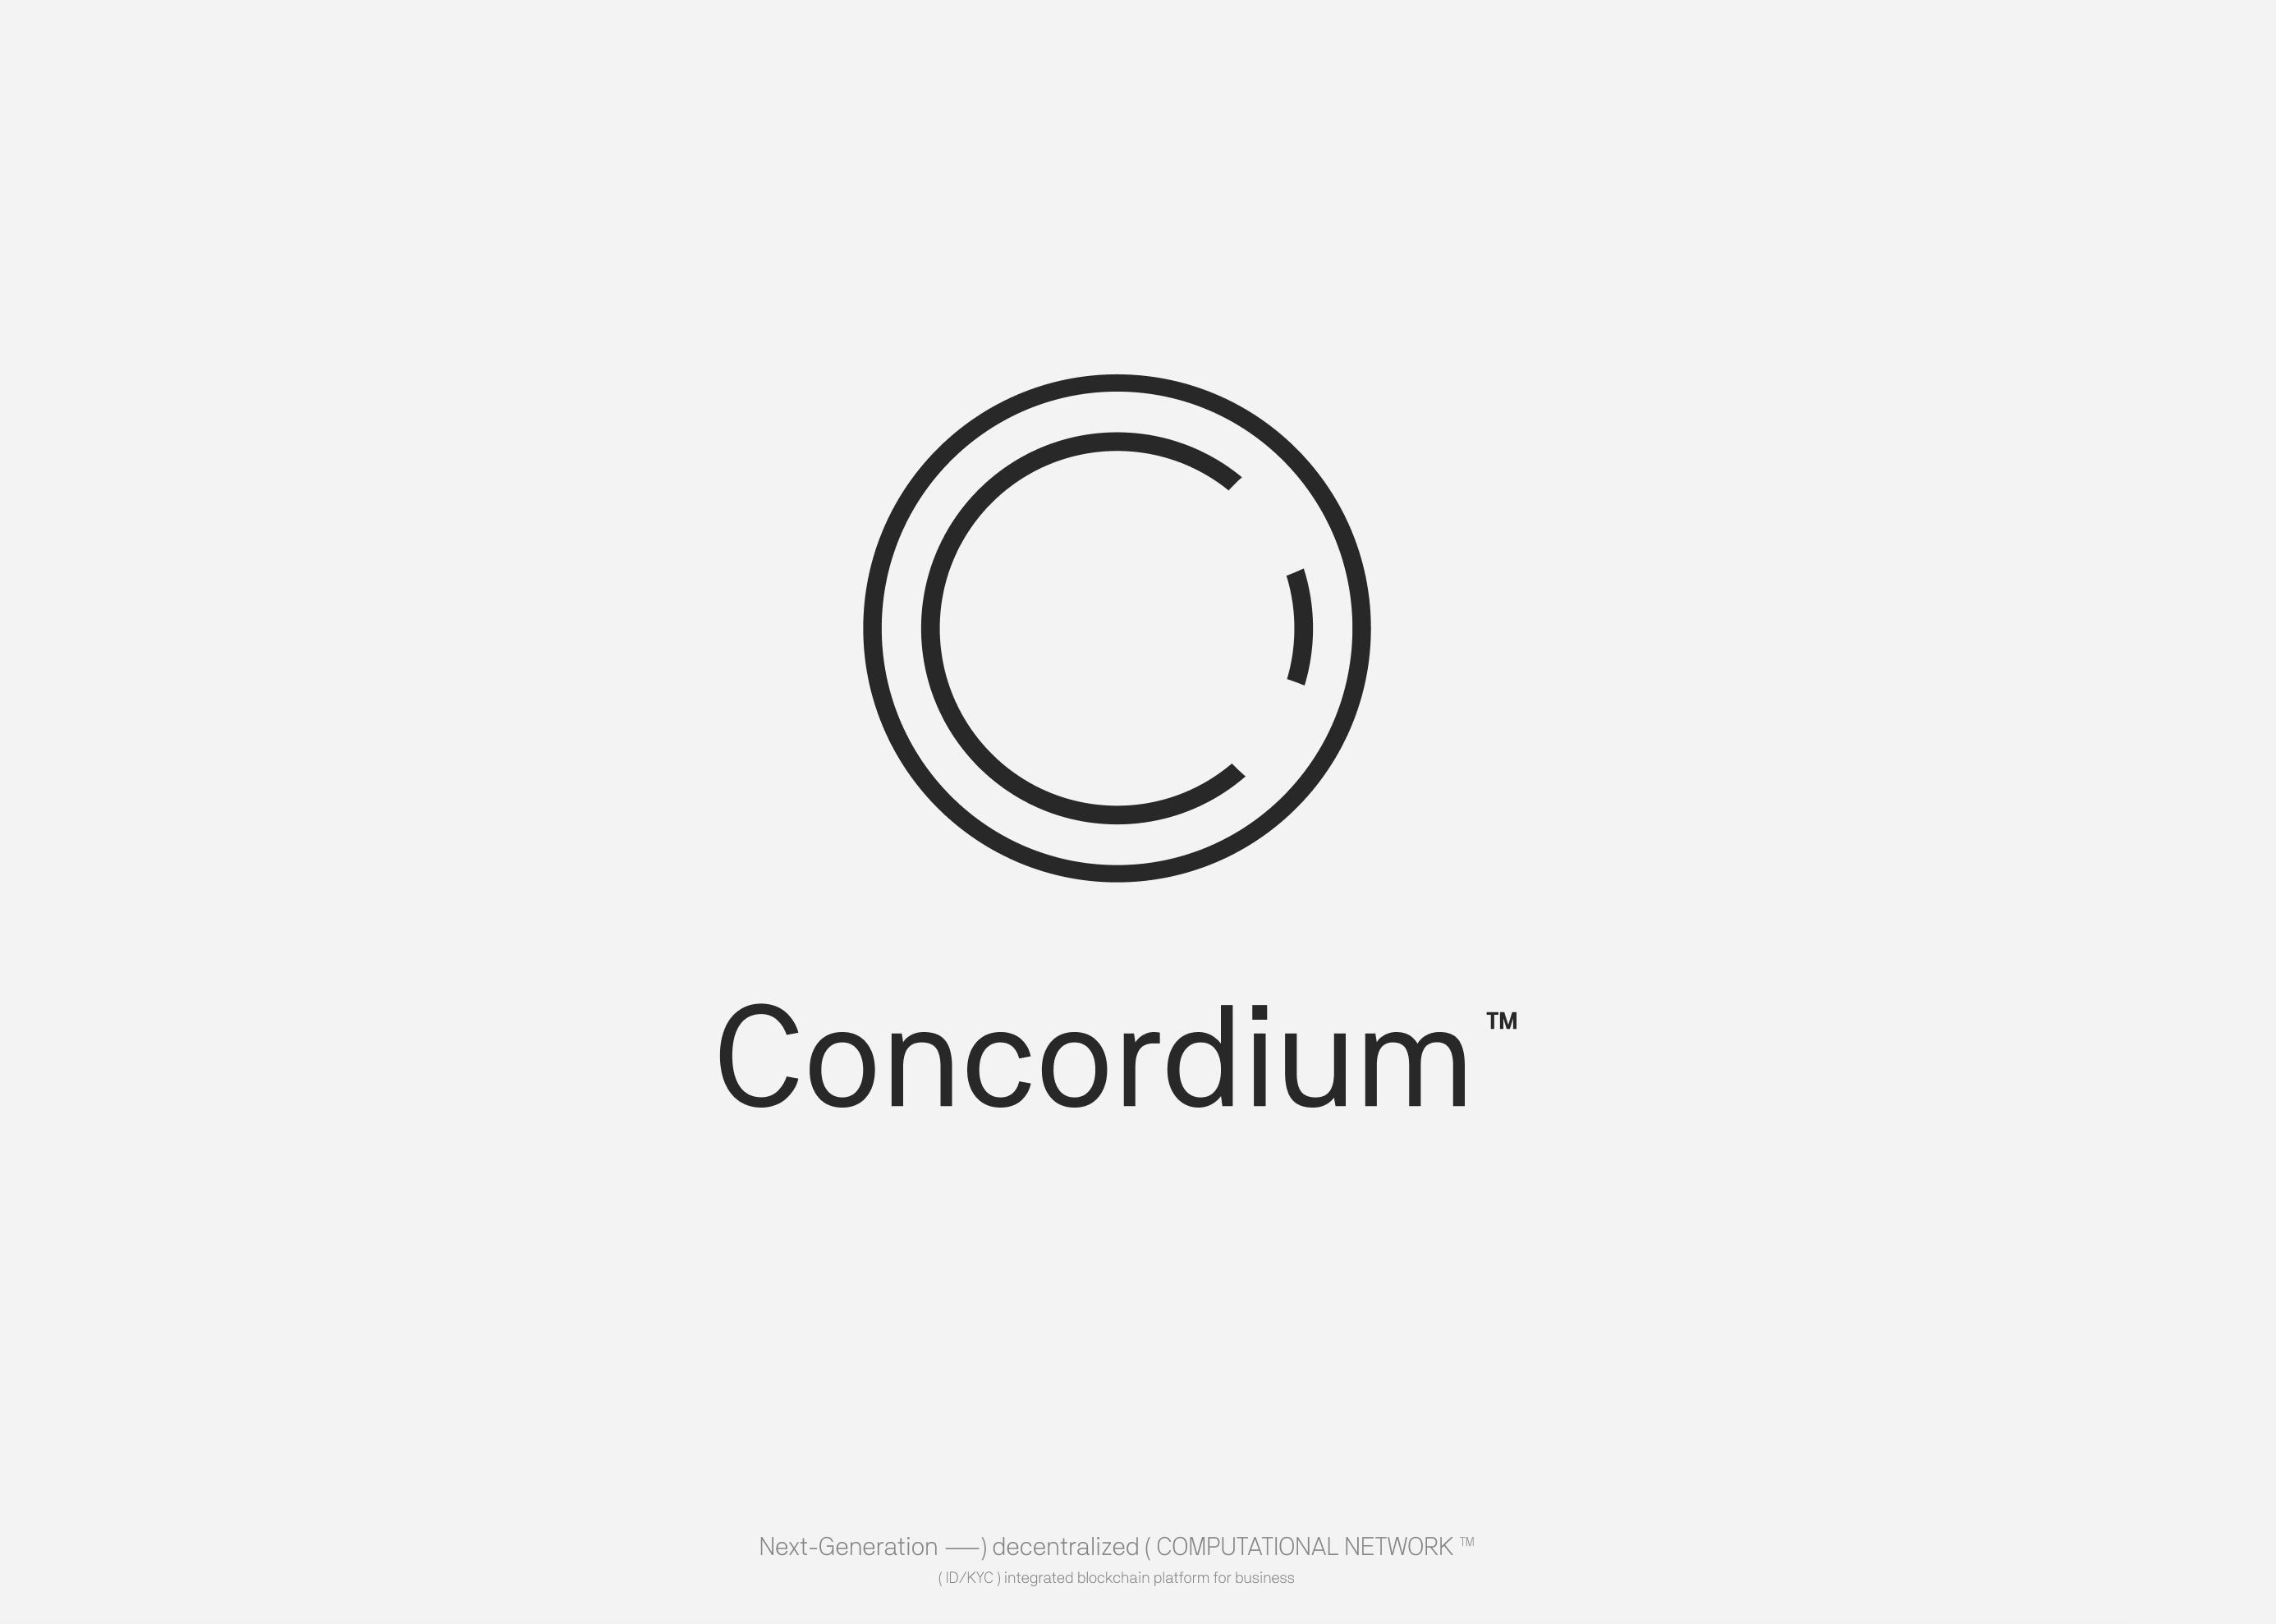 Concordium-Identity-logo-main